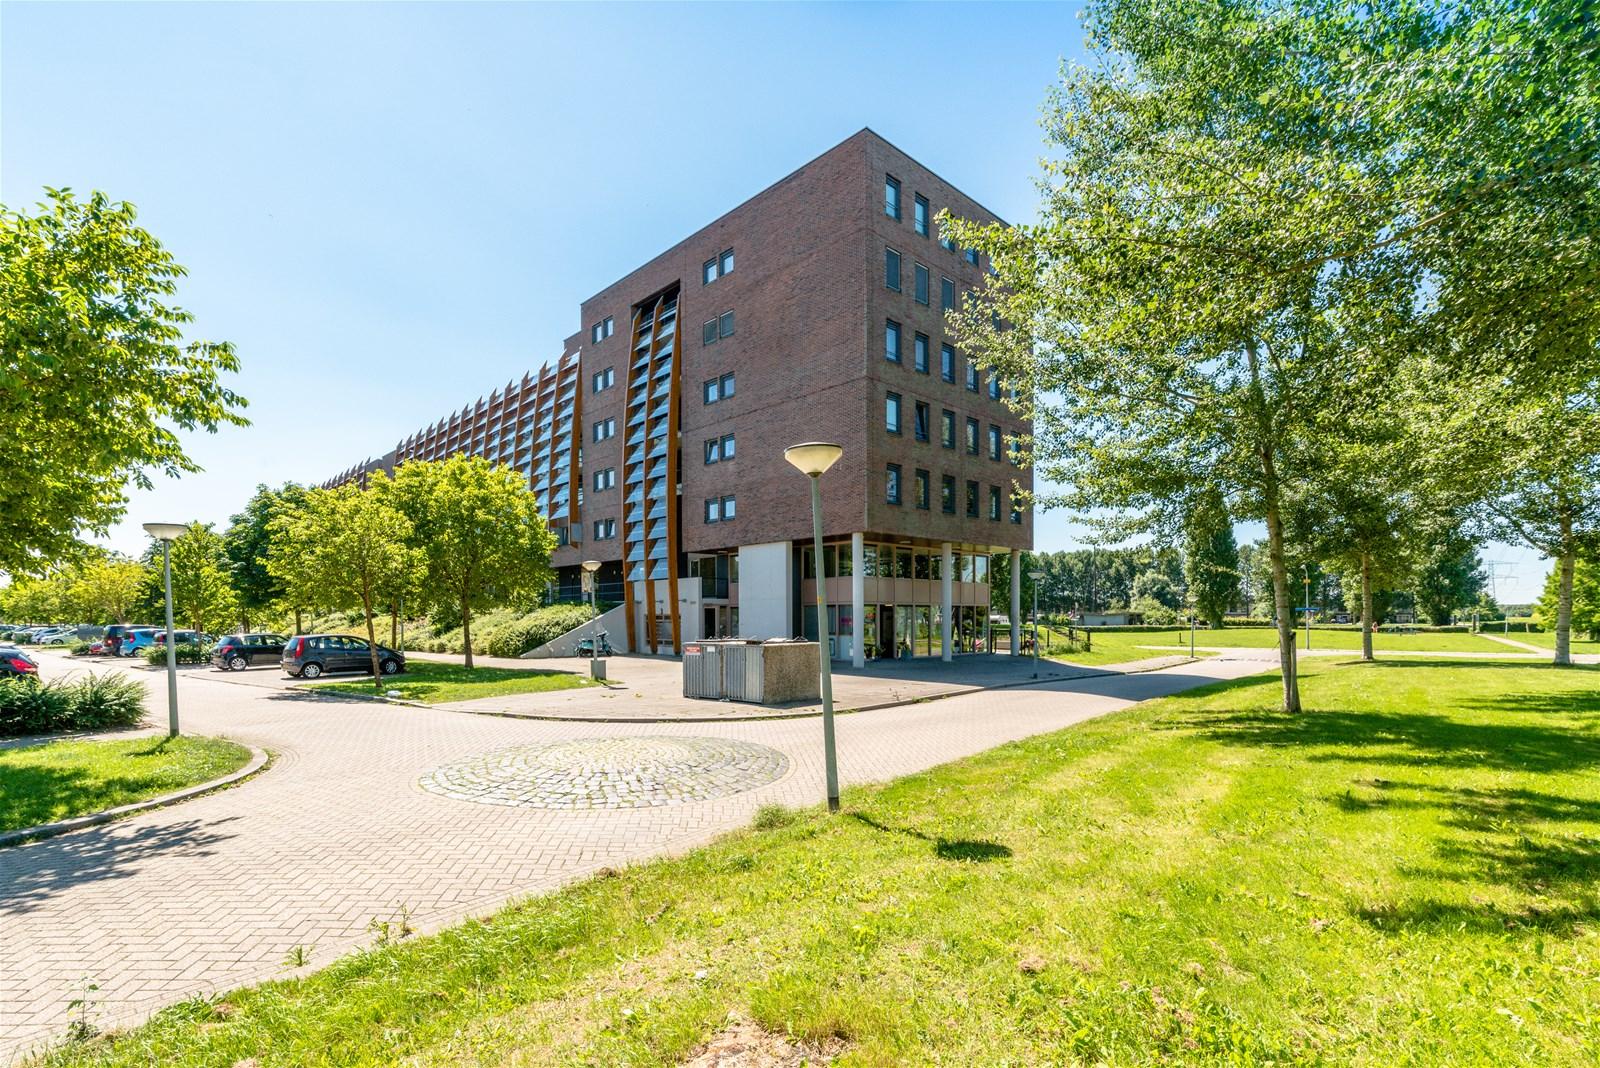 18241 - Paul Kleestraat - 58 - Almere